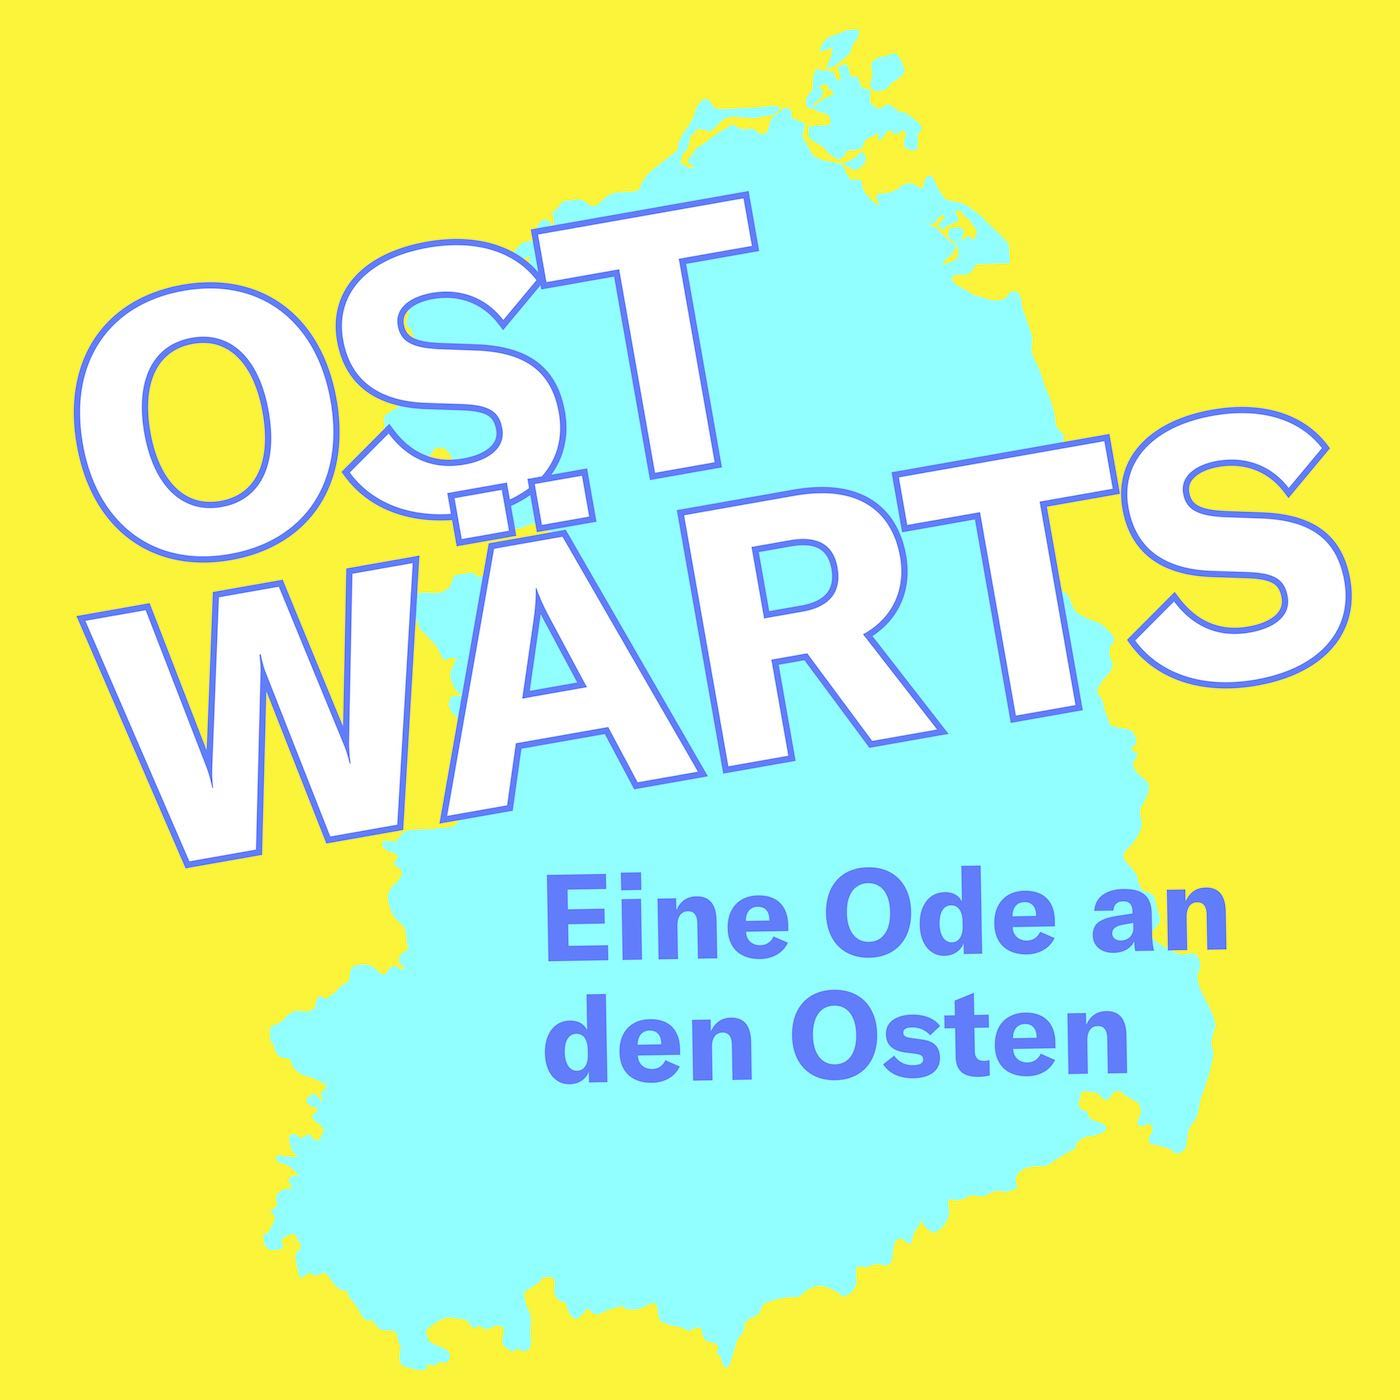 Sonnenstrah eV. Dieser Dresdner Verein hilft krebskranken Kindern